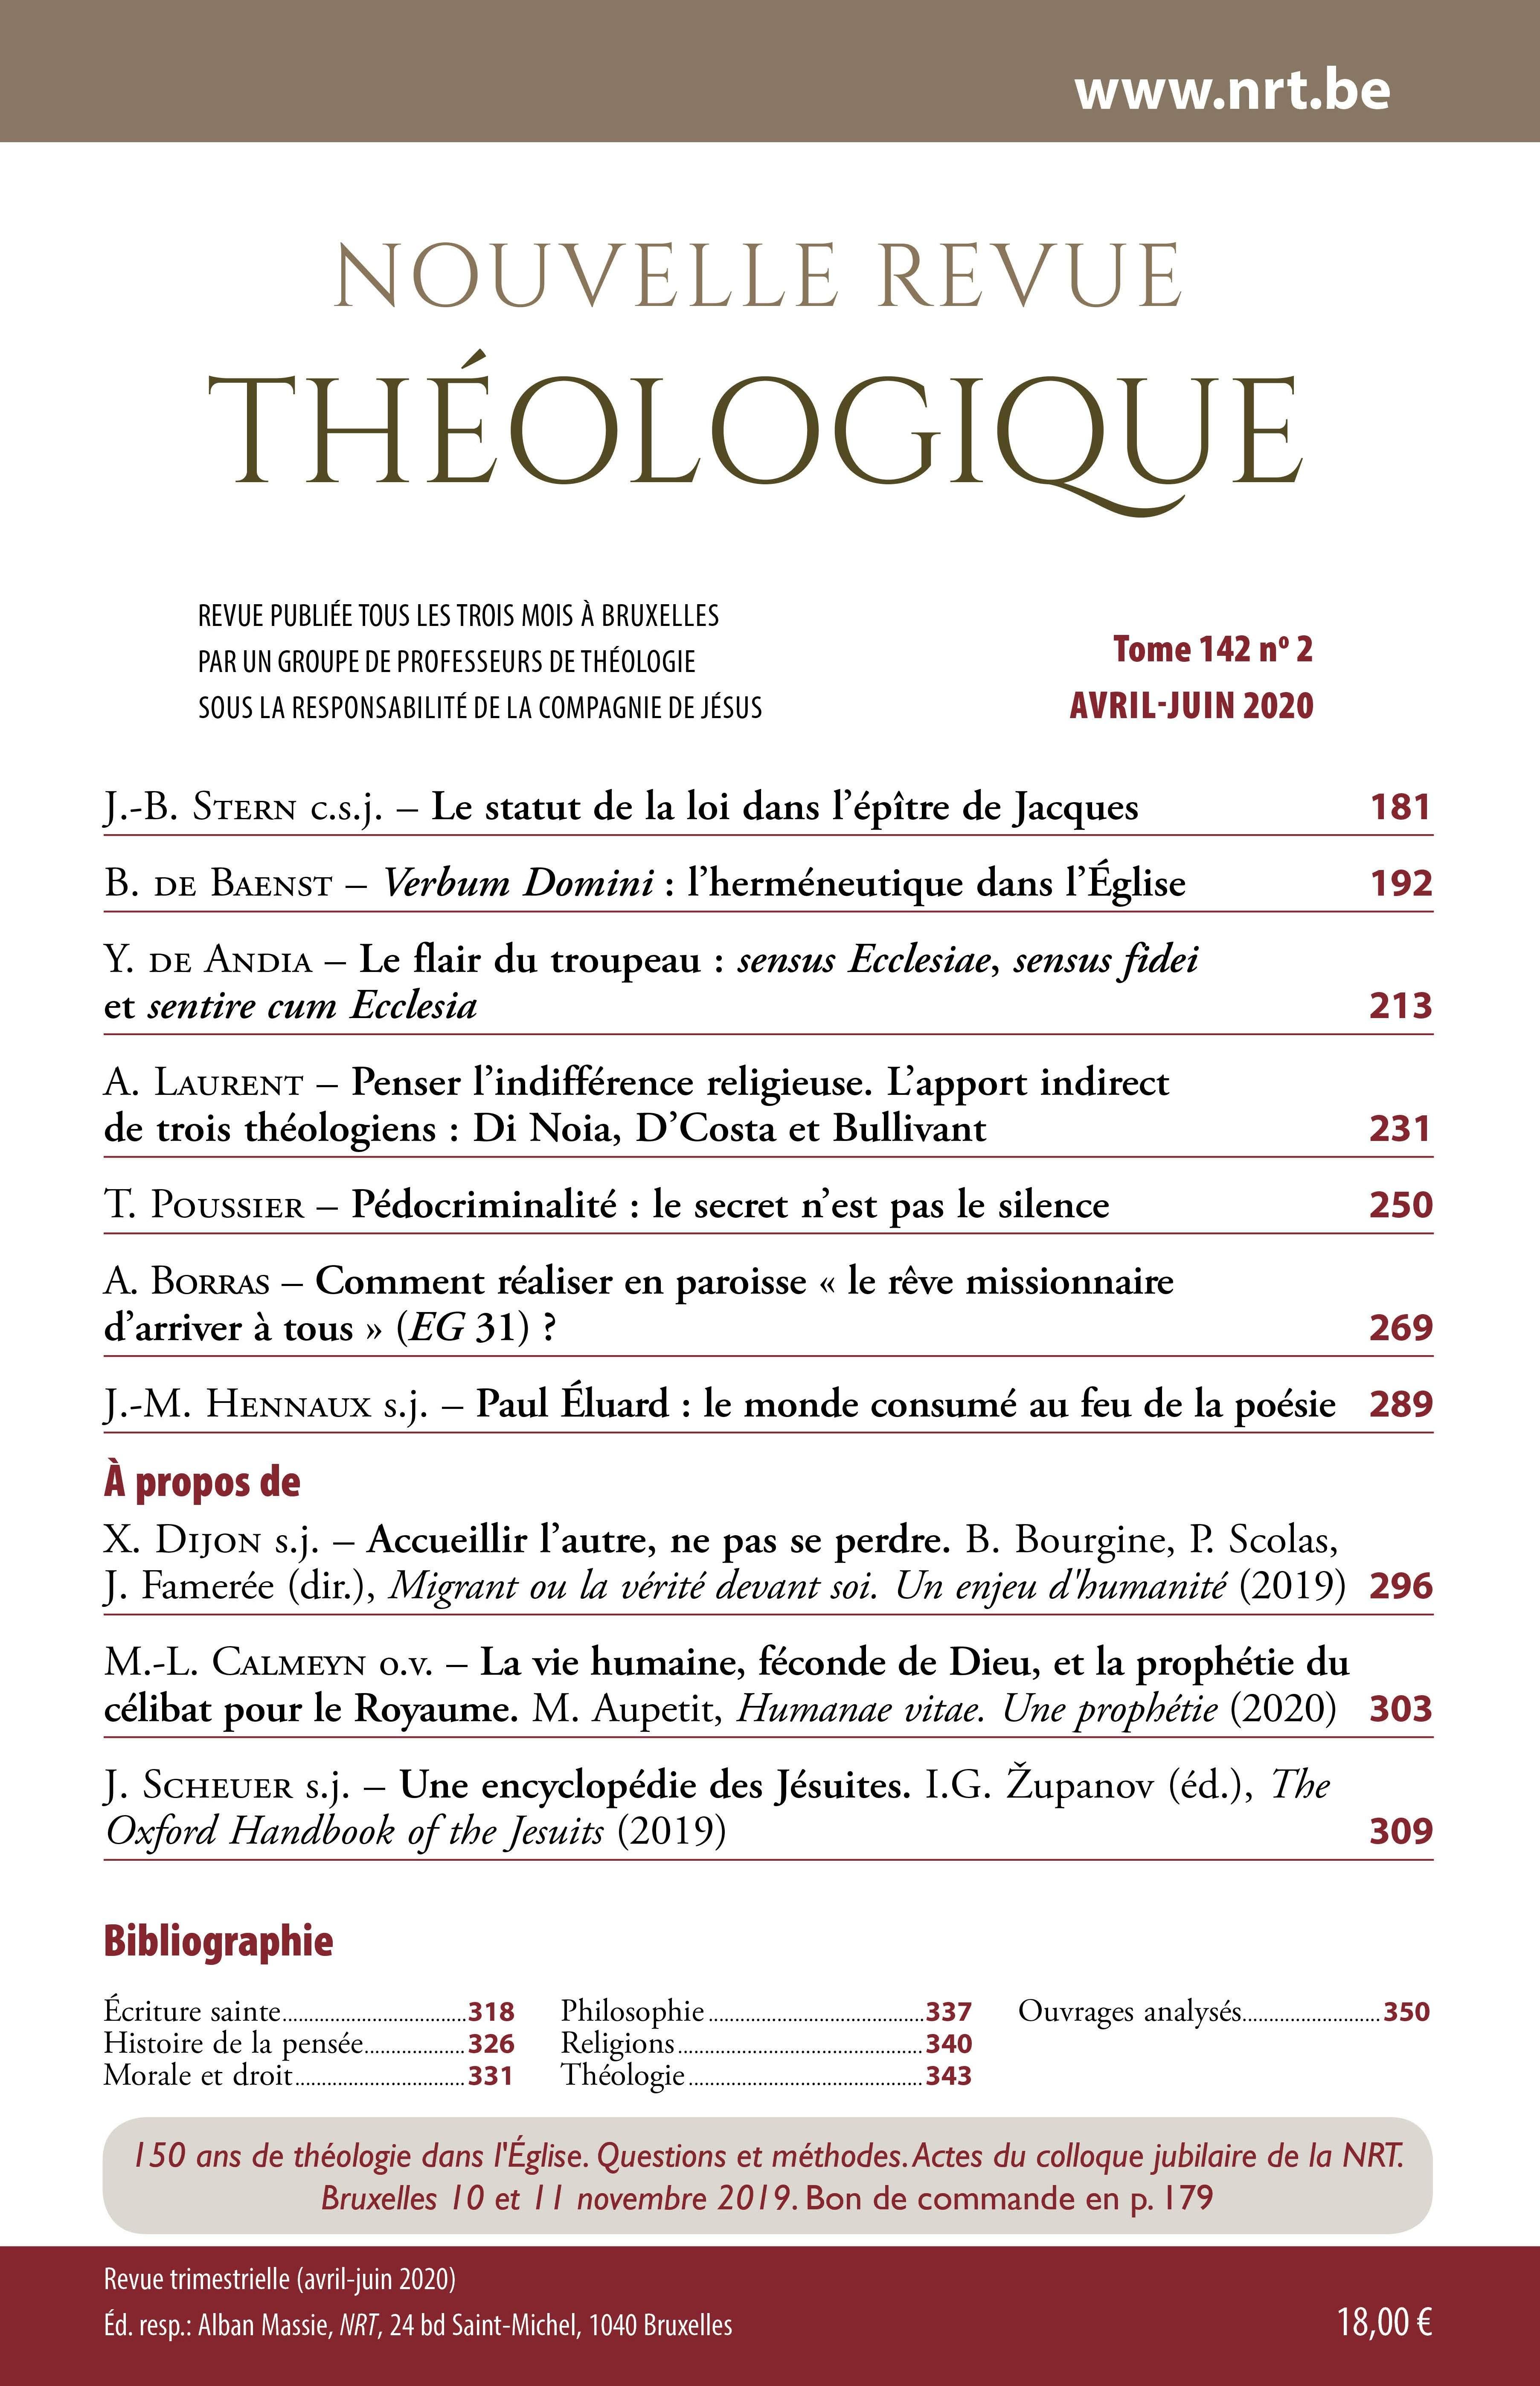 Image infolettre - Nouvelle Revue Théologique - nrt.be